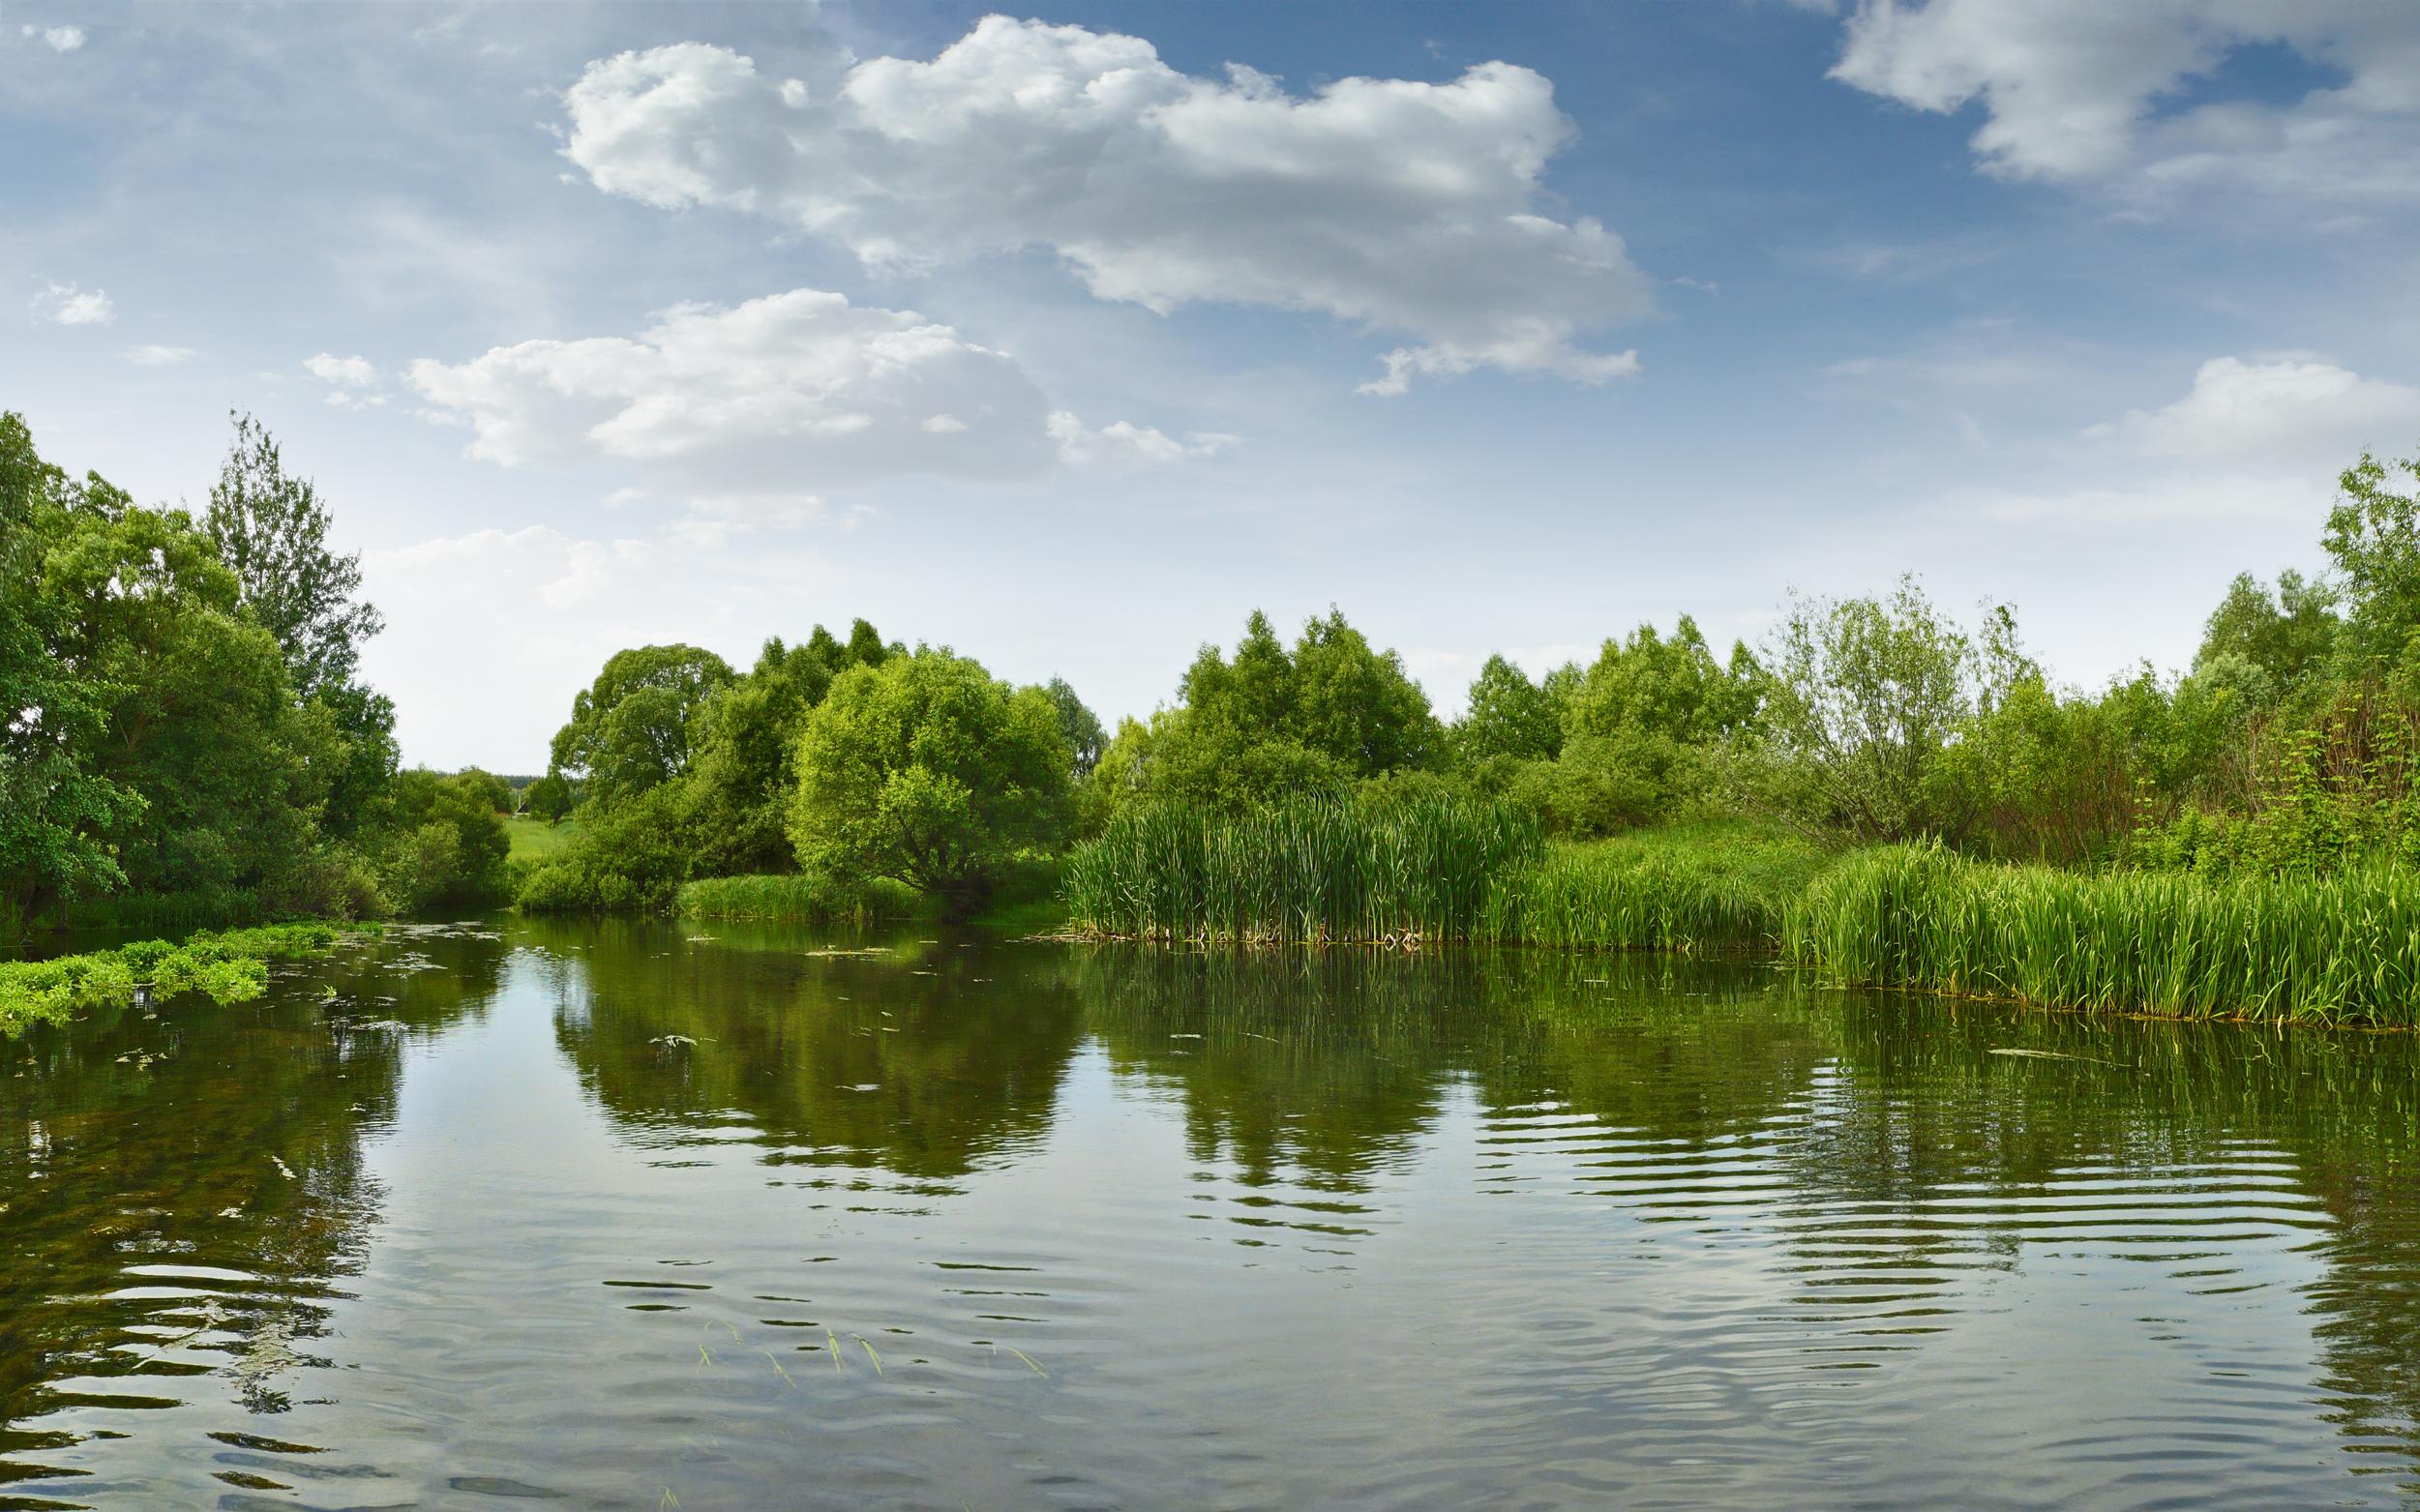 Прогноз погоды на 8 июня: подъём уровня воды ожидается на реках двух областей